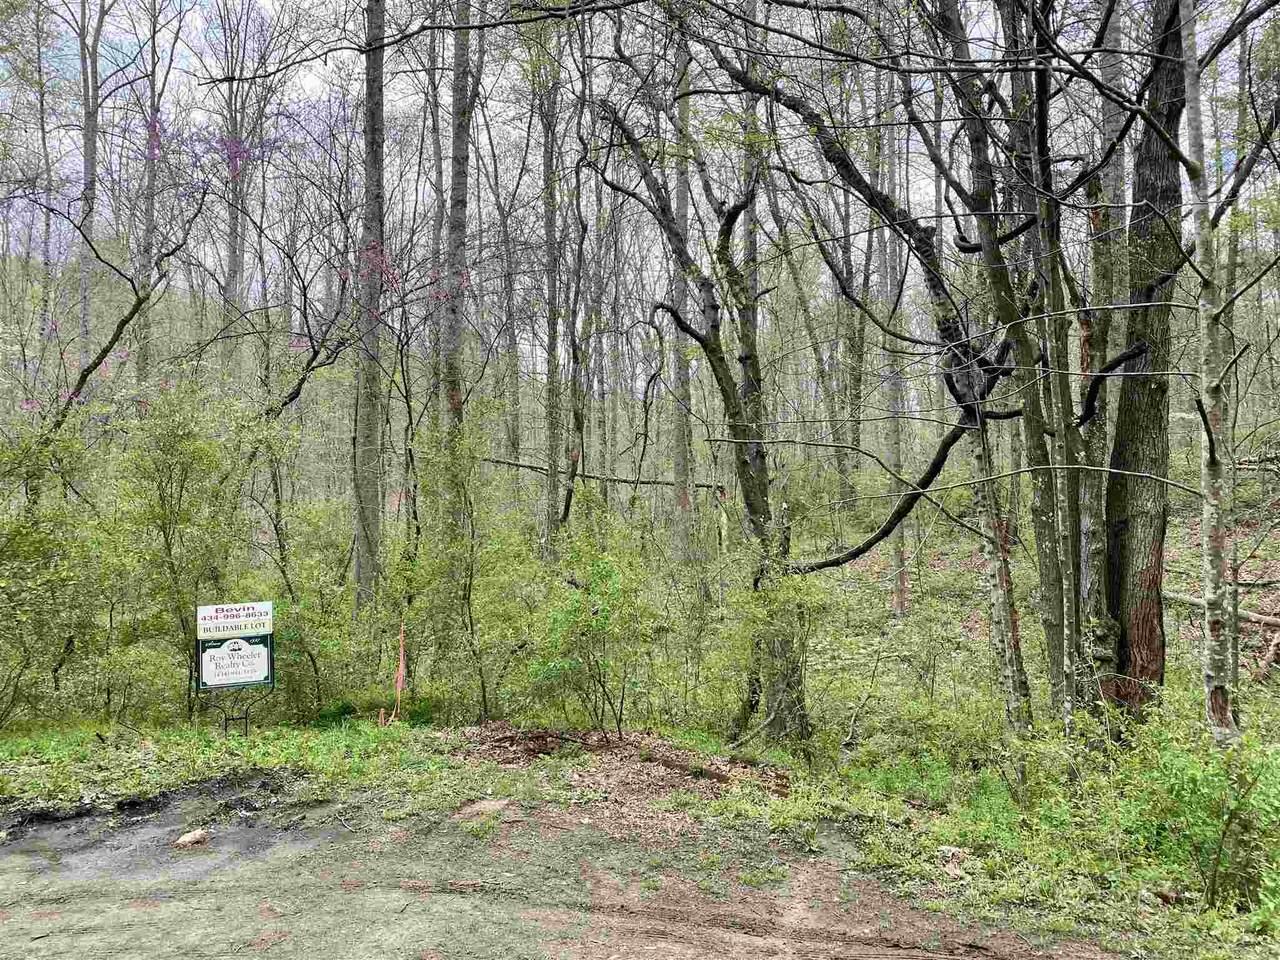 Lot 5 Forest Glen Dr - Photo 1